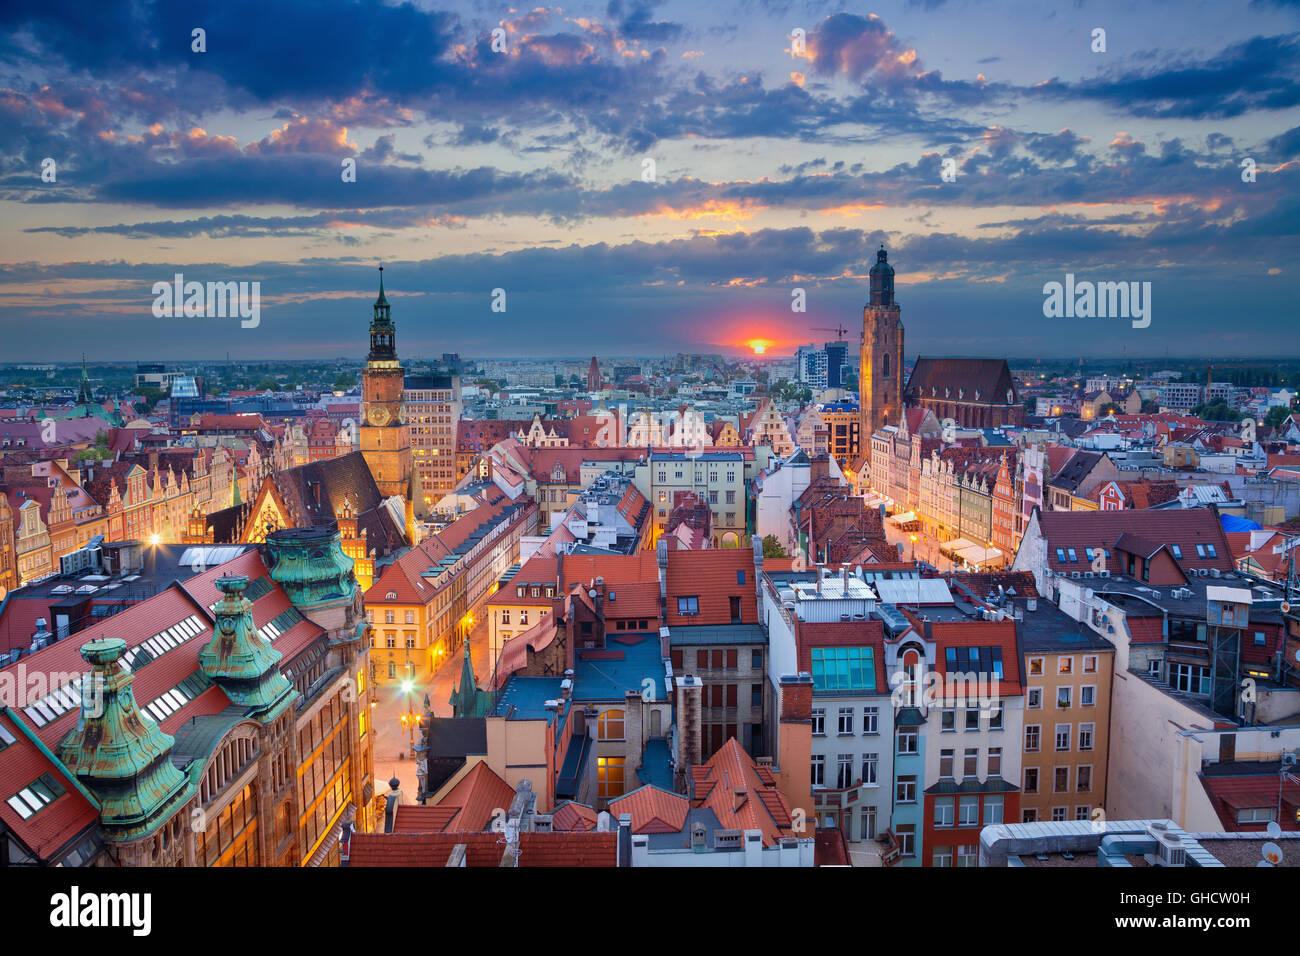 Wroclaw. image de Wroclaw, Pologne pendant le crépuscule heure bleue. Photo Stock